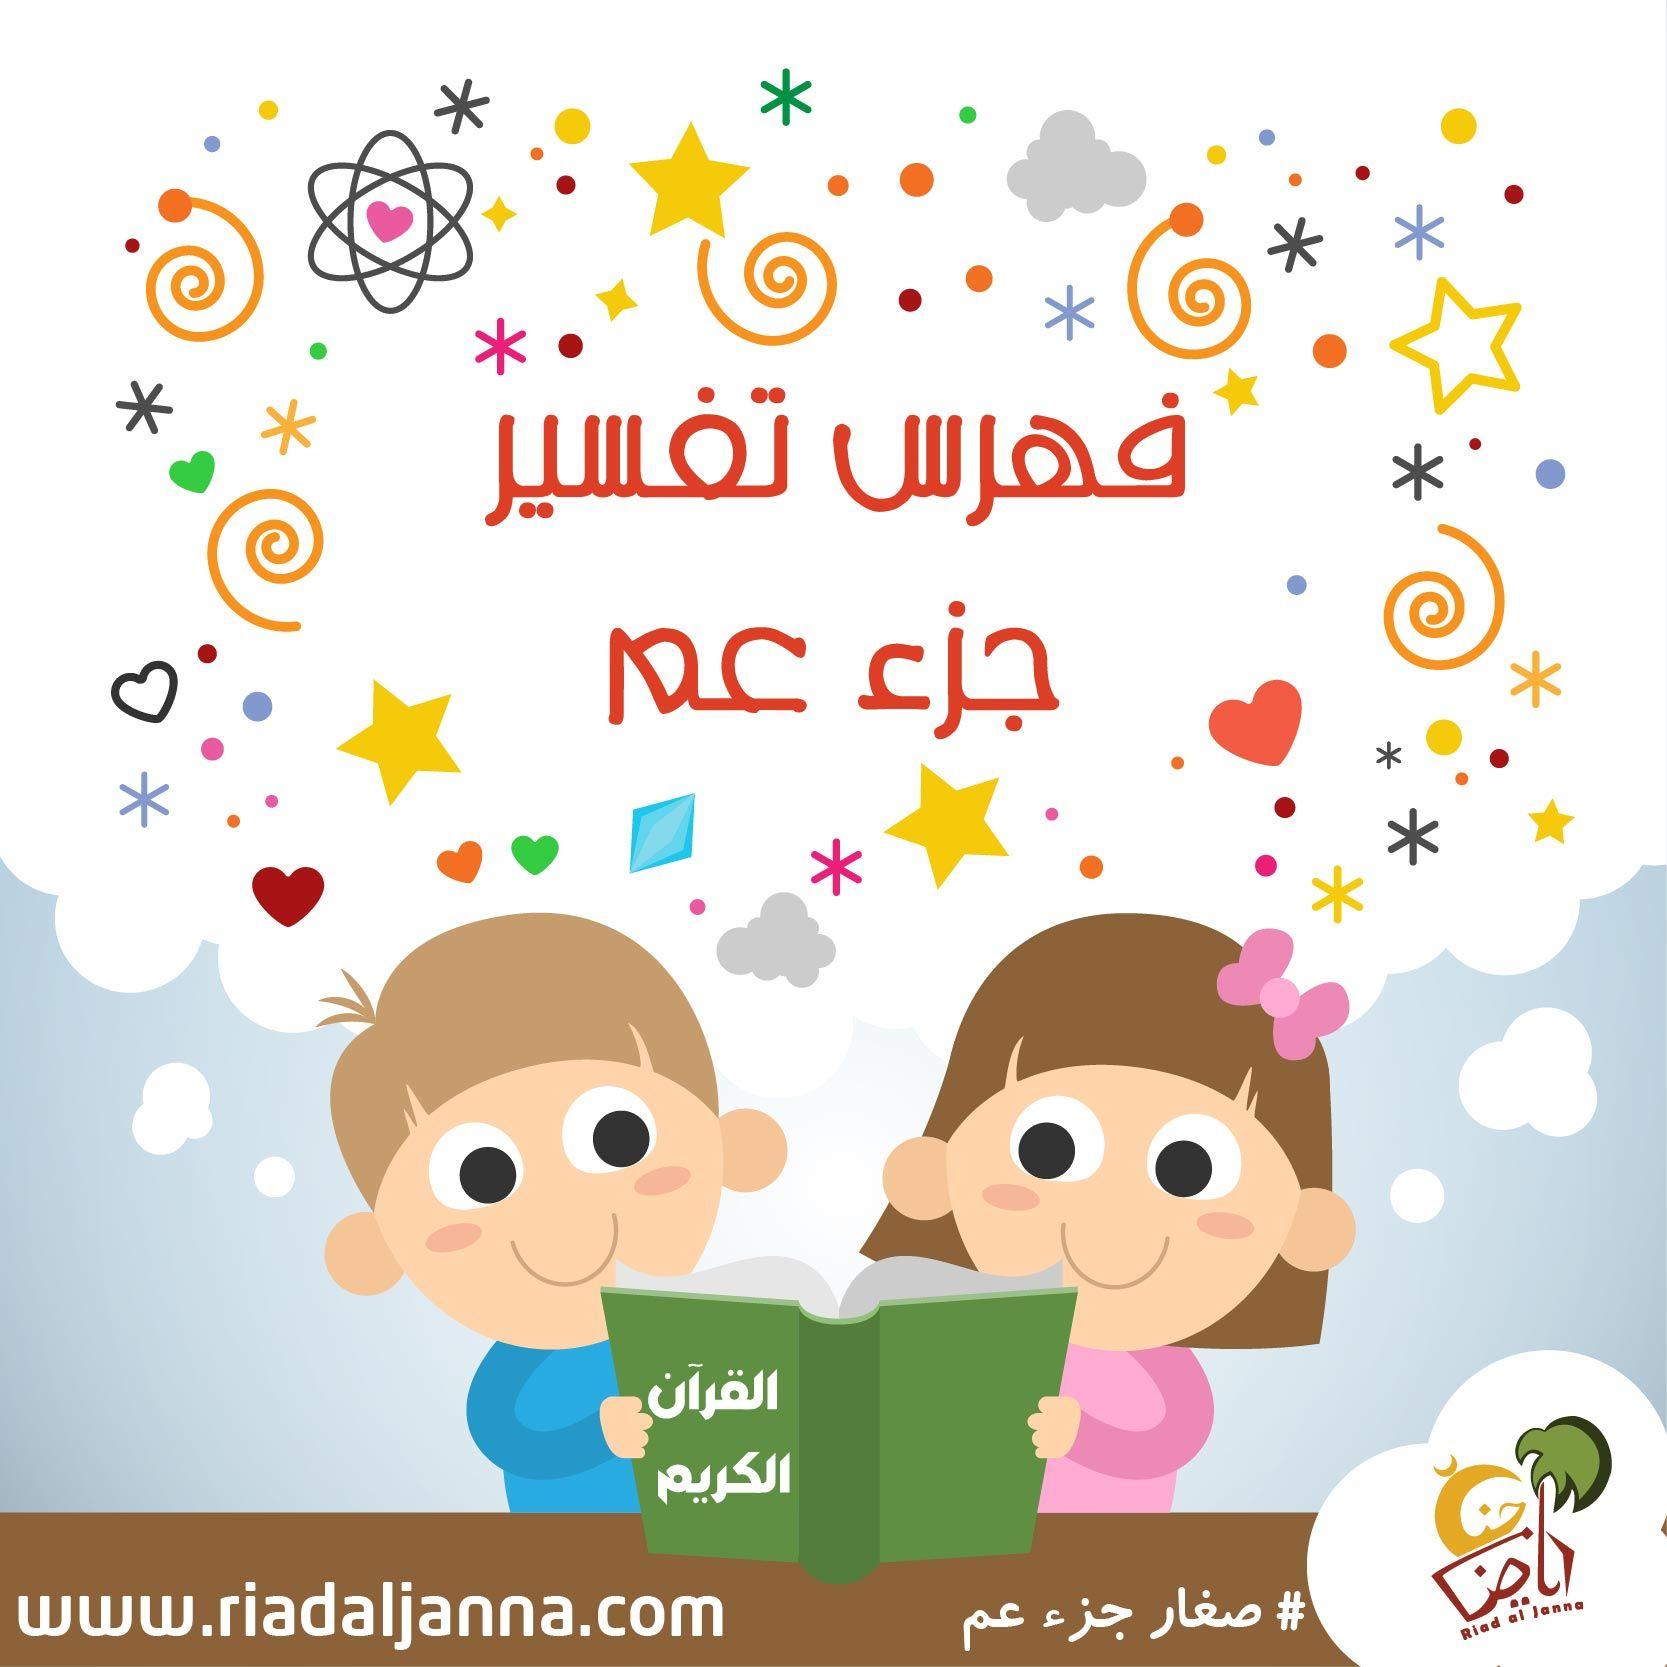 شرح واف لكيفية تطبيق هذه السلسلة و كيف نستخدم بطاقات التحفيظ مع الاطفال و كيف يتم تفسير Islamic Kids Activities Muslim Kids Activities Kids Learning Activities